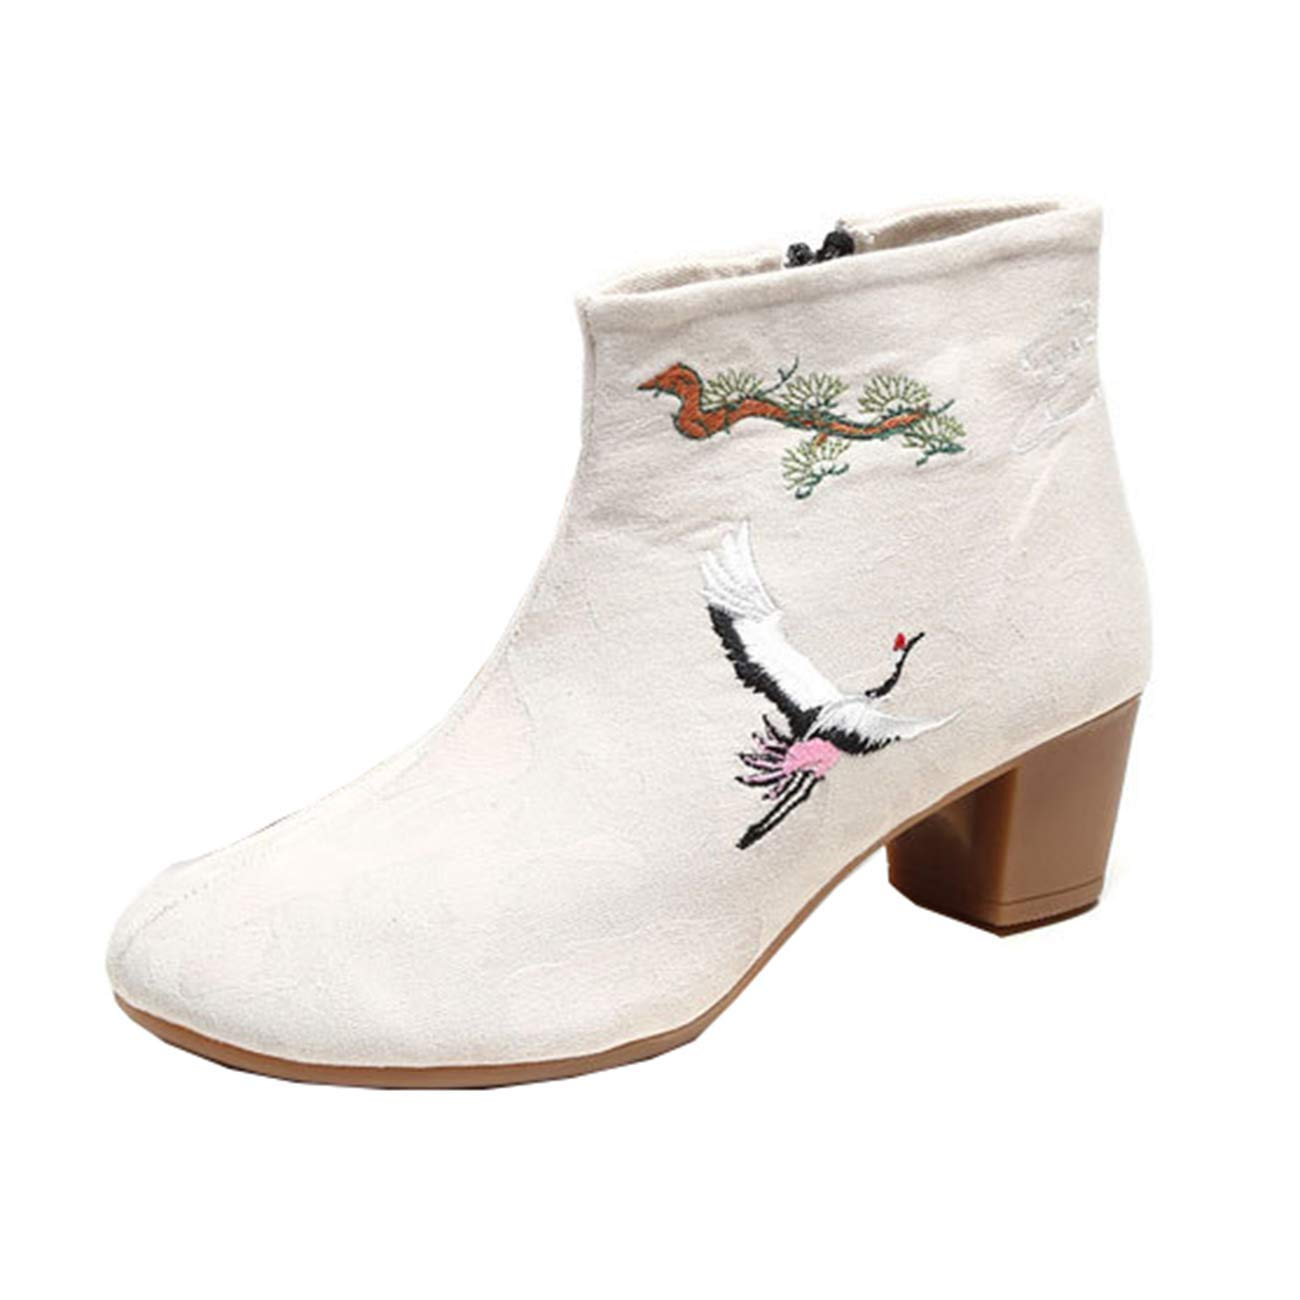 Eeayyygch Frauen-Folk-Stil Stickerei Stickerei Stickerei Block-Ferse Zip Ankle Stiefel (Farbe   Beige, Größe   3 UK) 8856ca